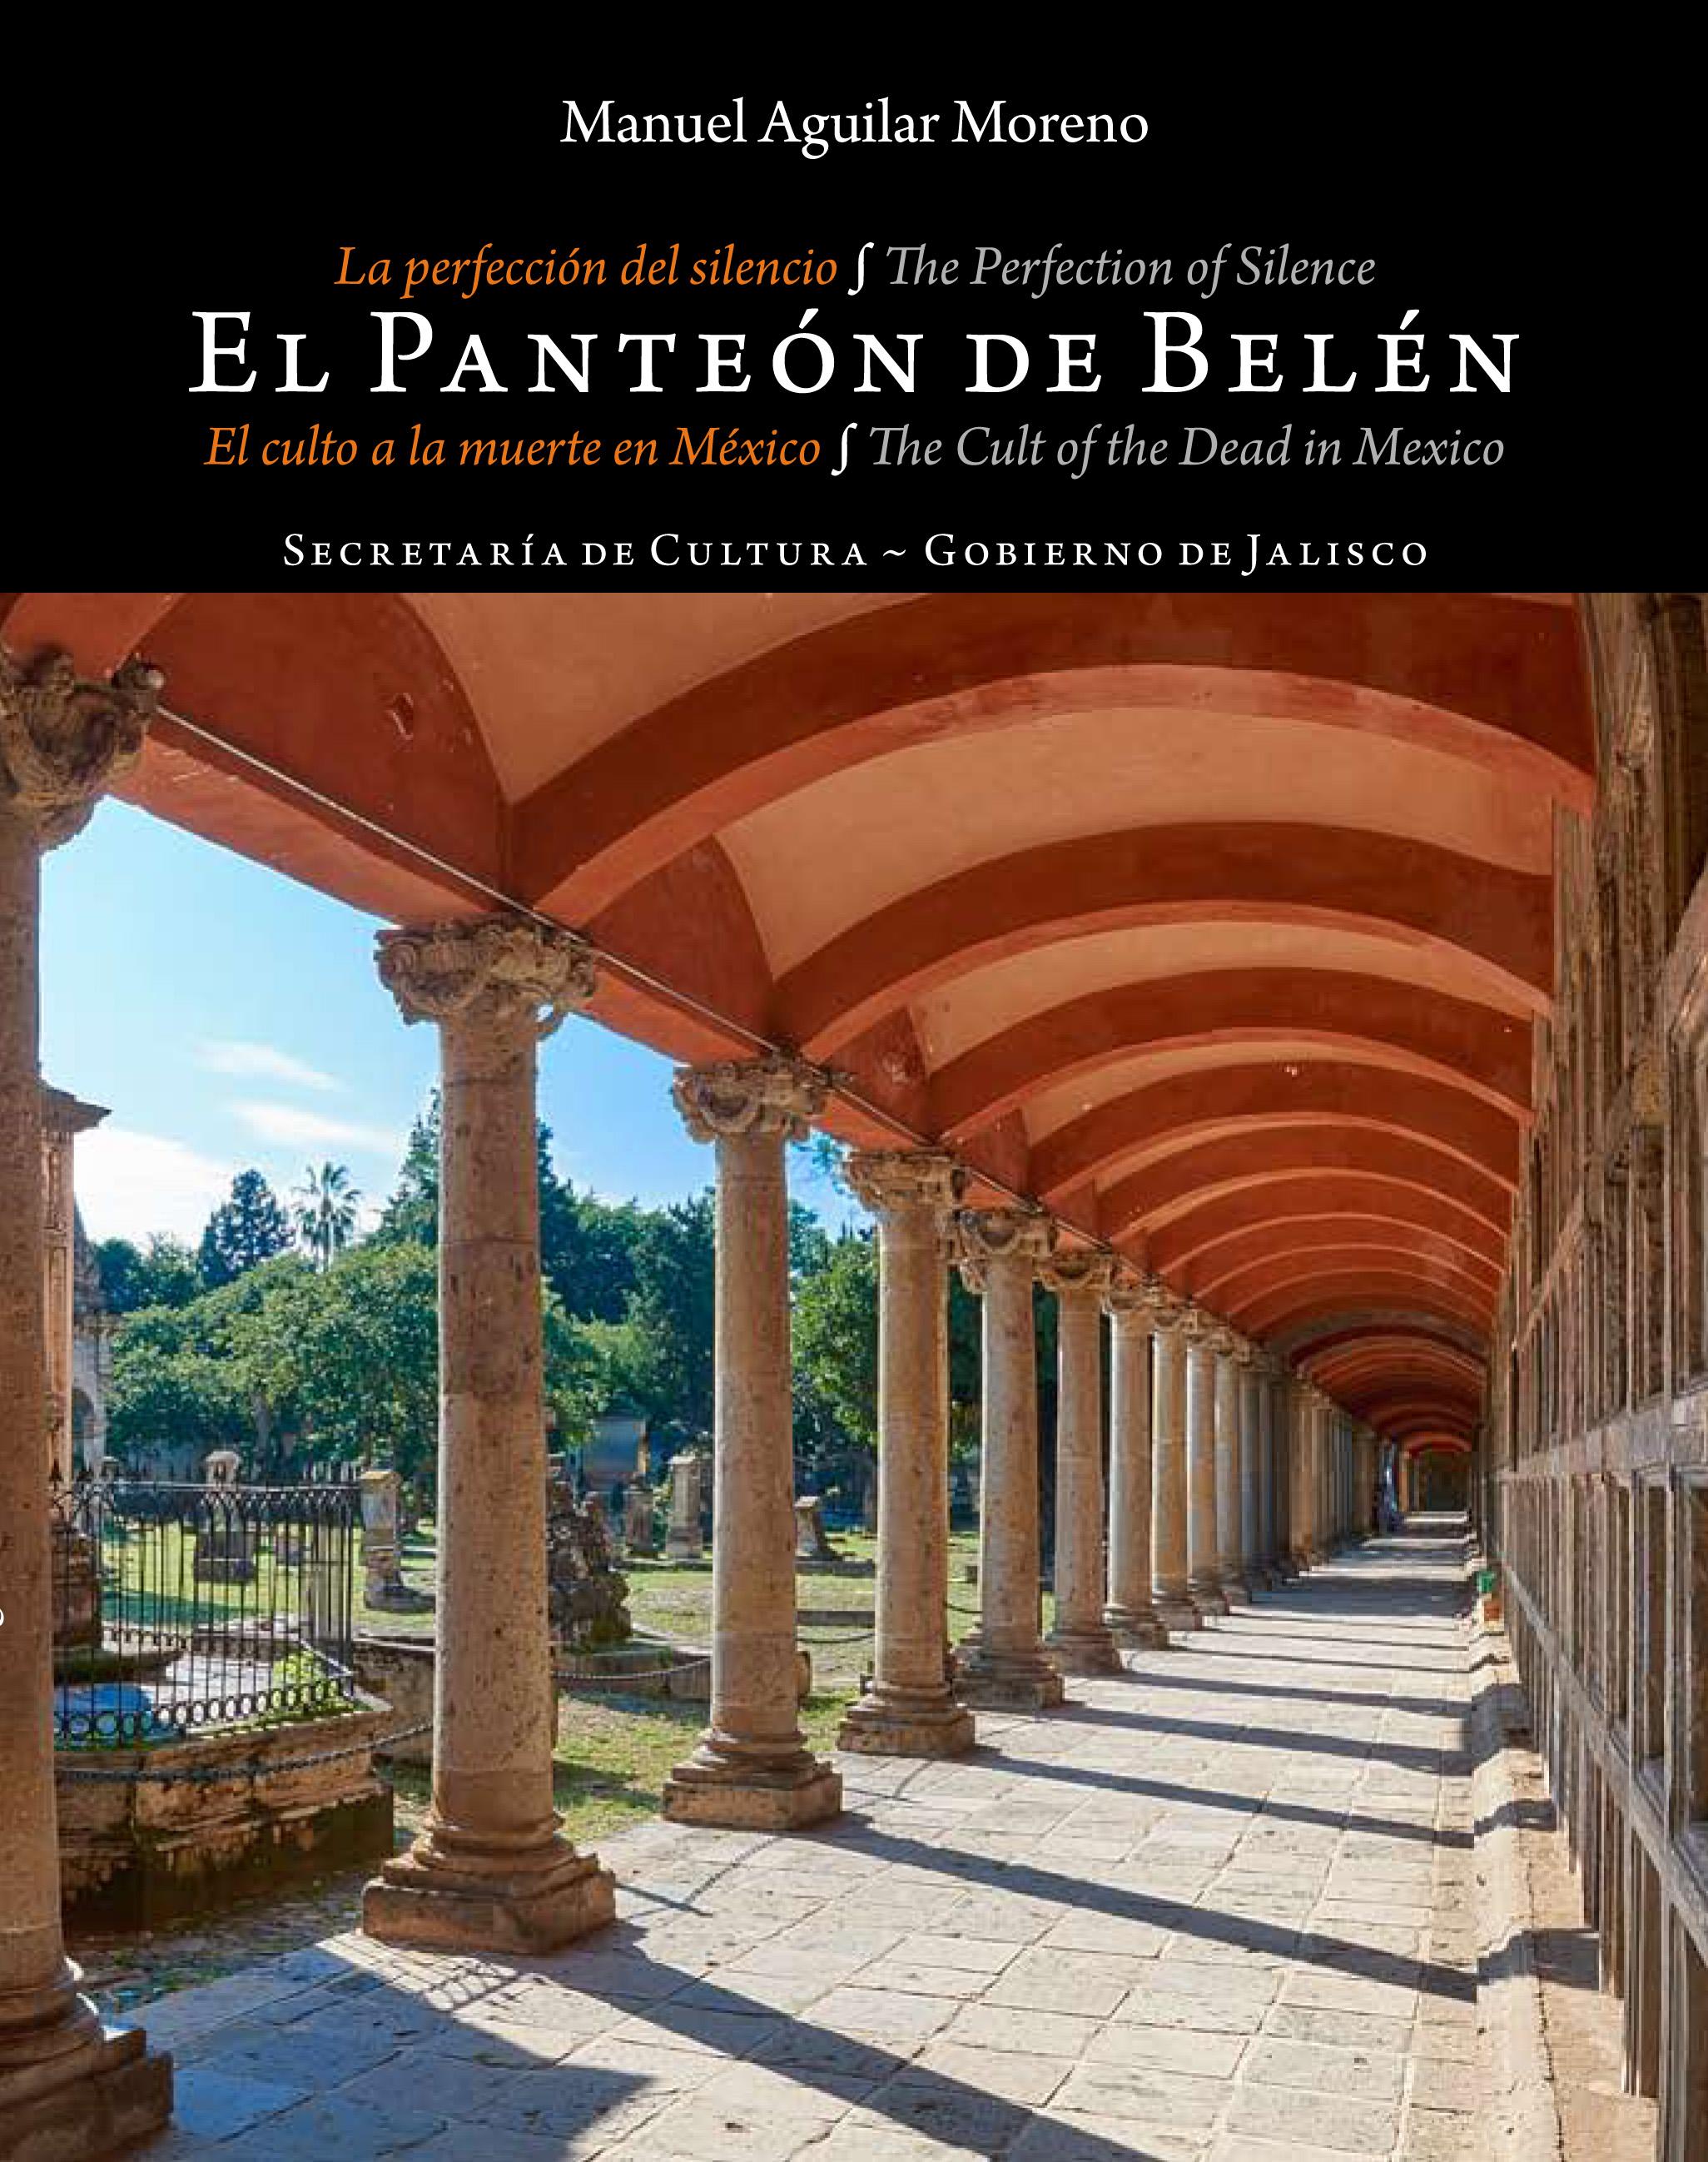 Presentan estudio sobre el Panteón de Belén y el culto a la muerte en México